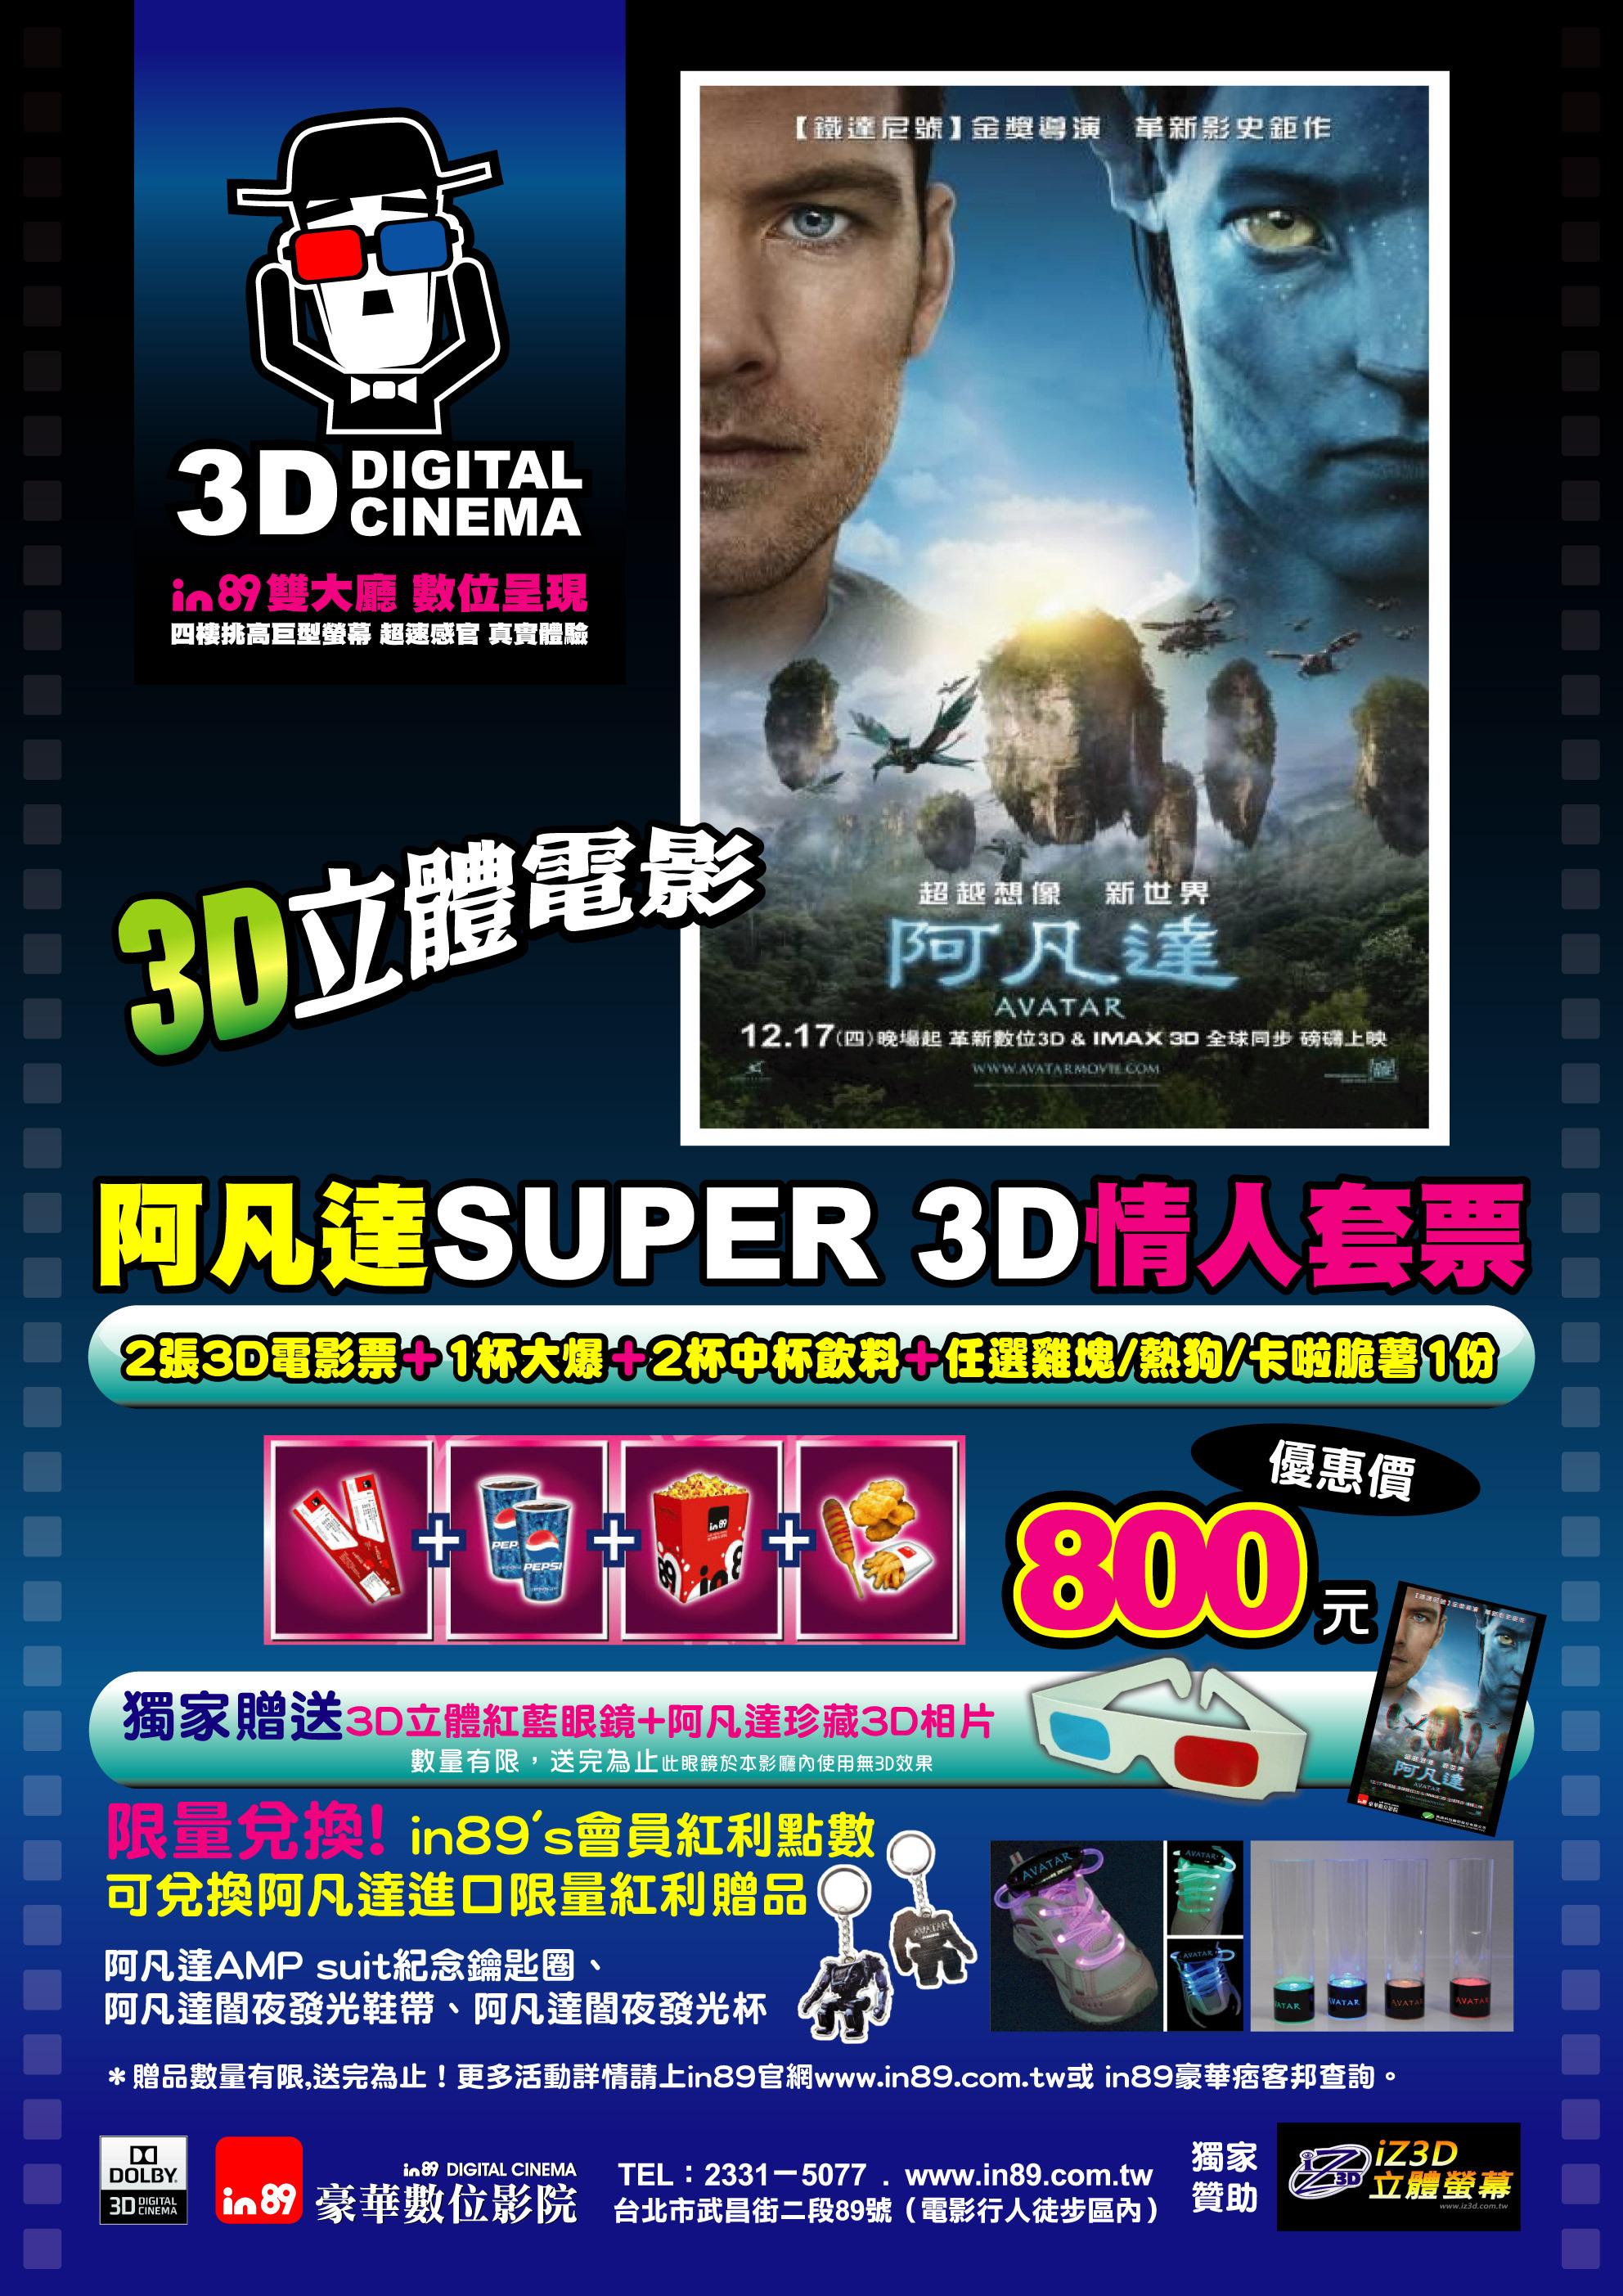 阿凡達SUPER 3D情人套票-A4DM-1218.jpg